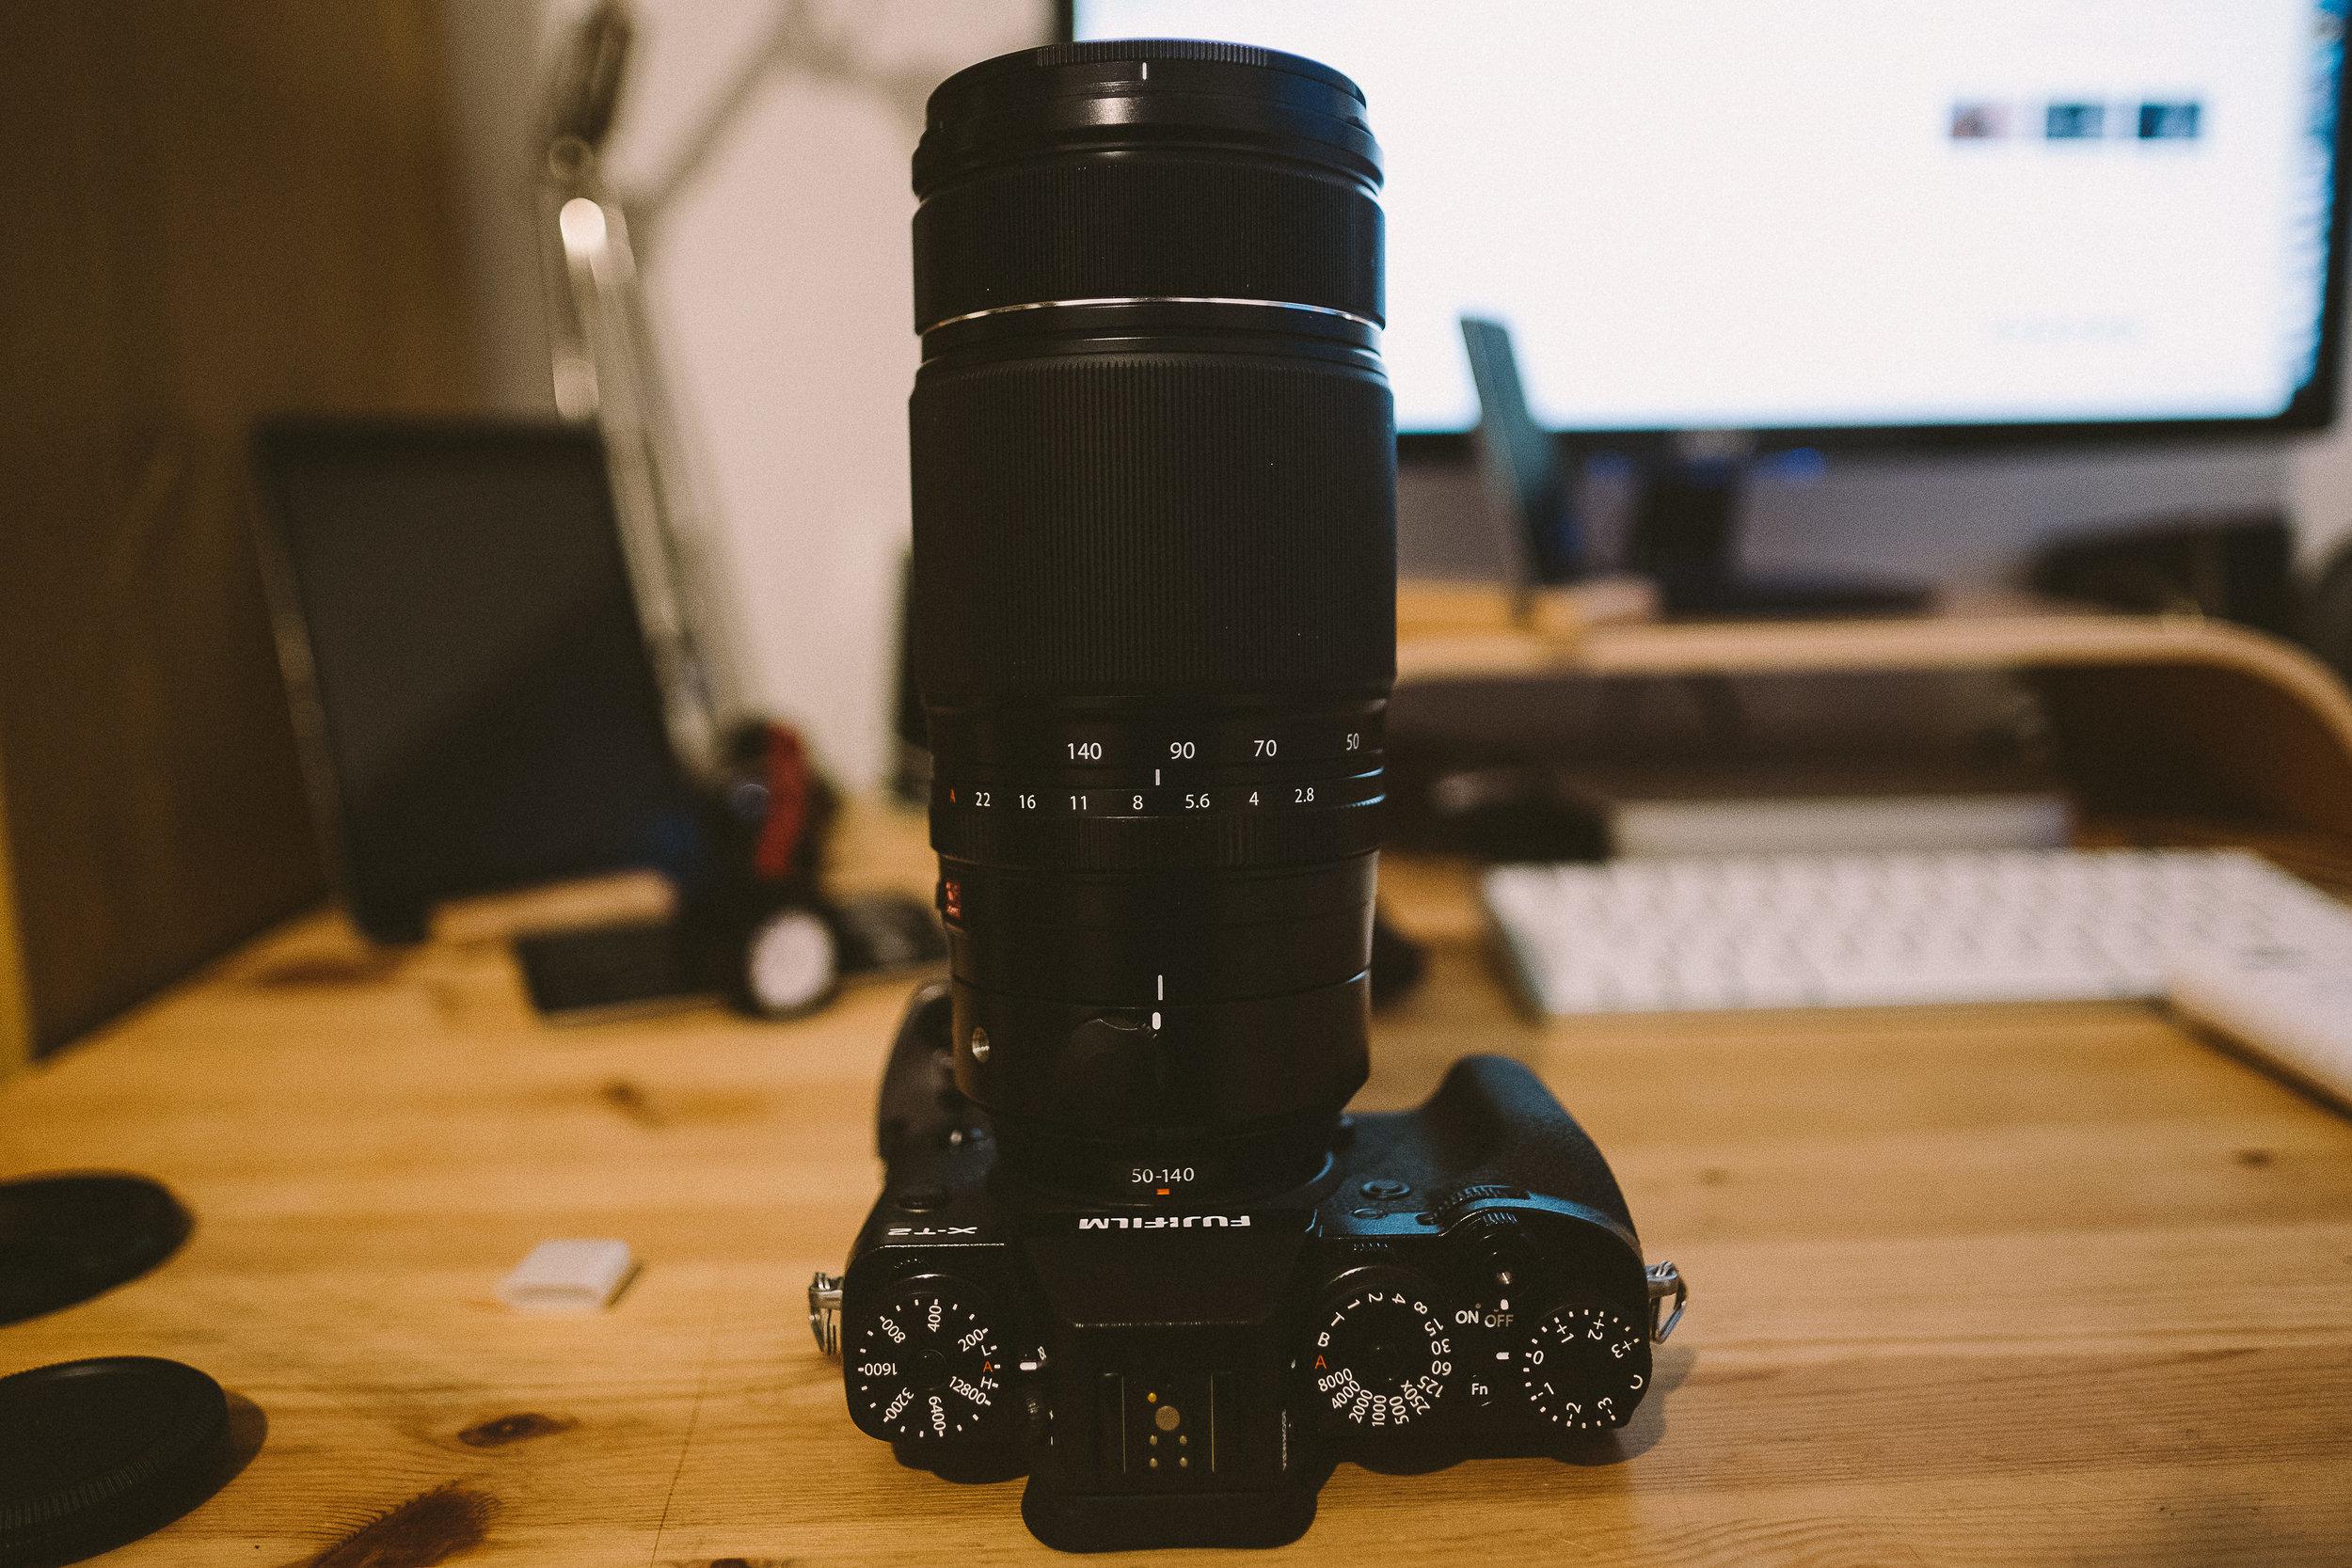 Fuji 50-140mm 2.8 Lens Review